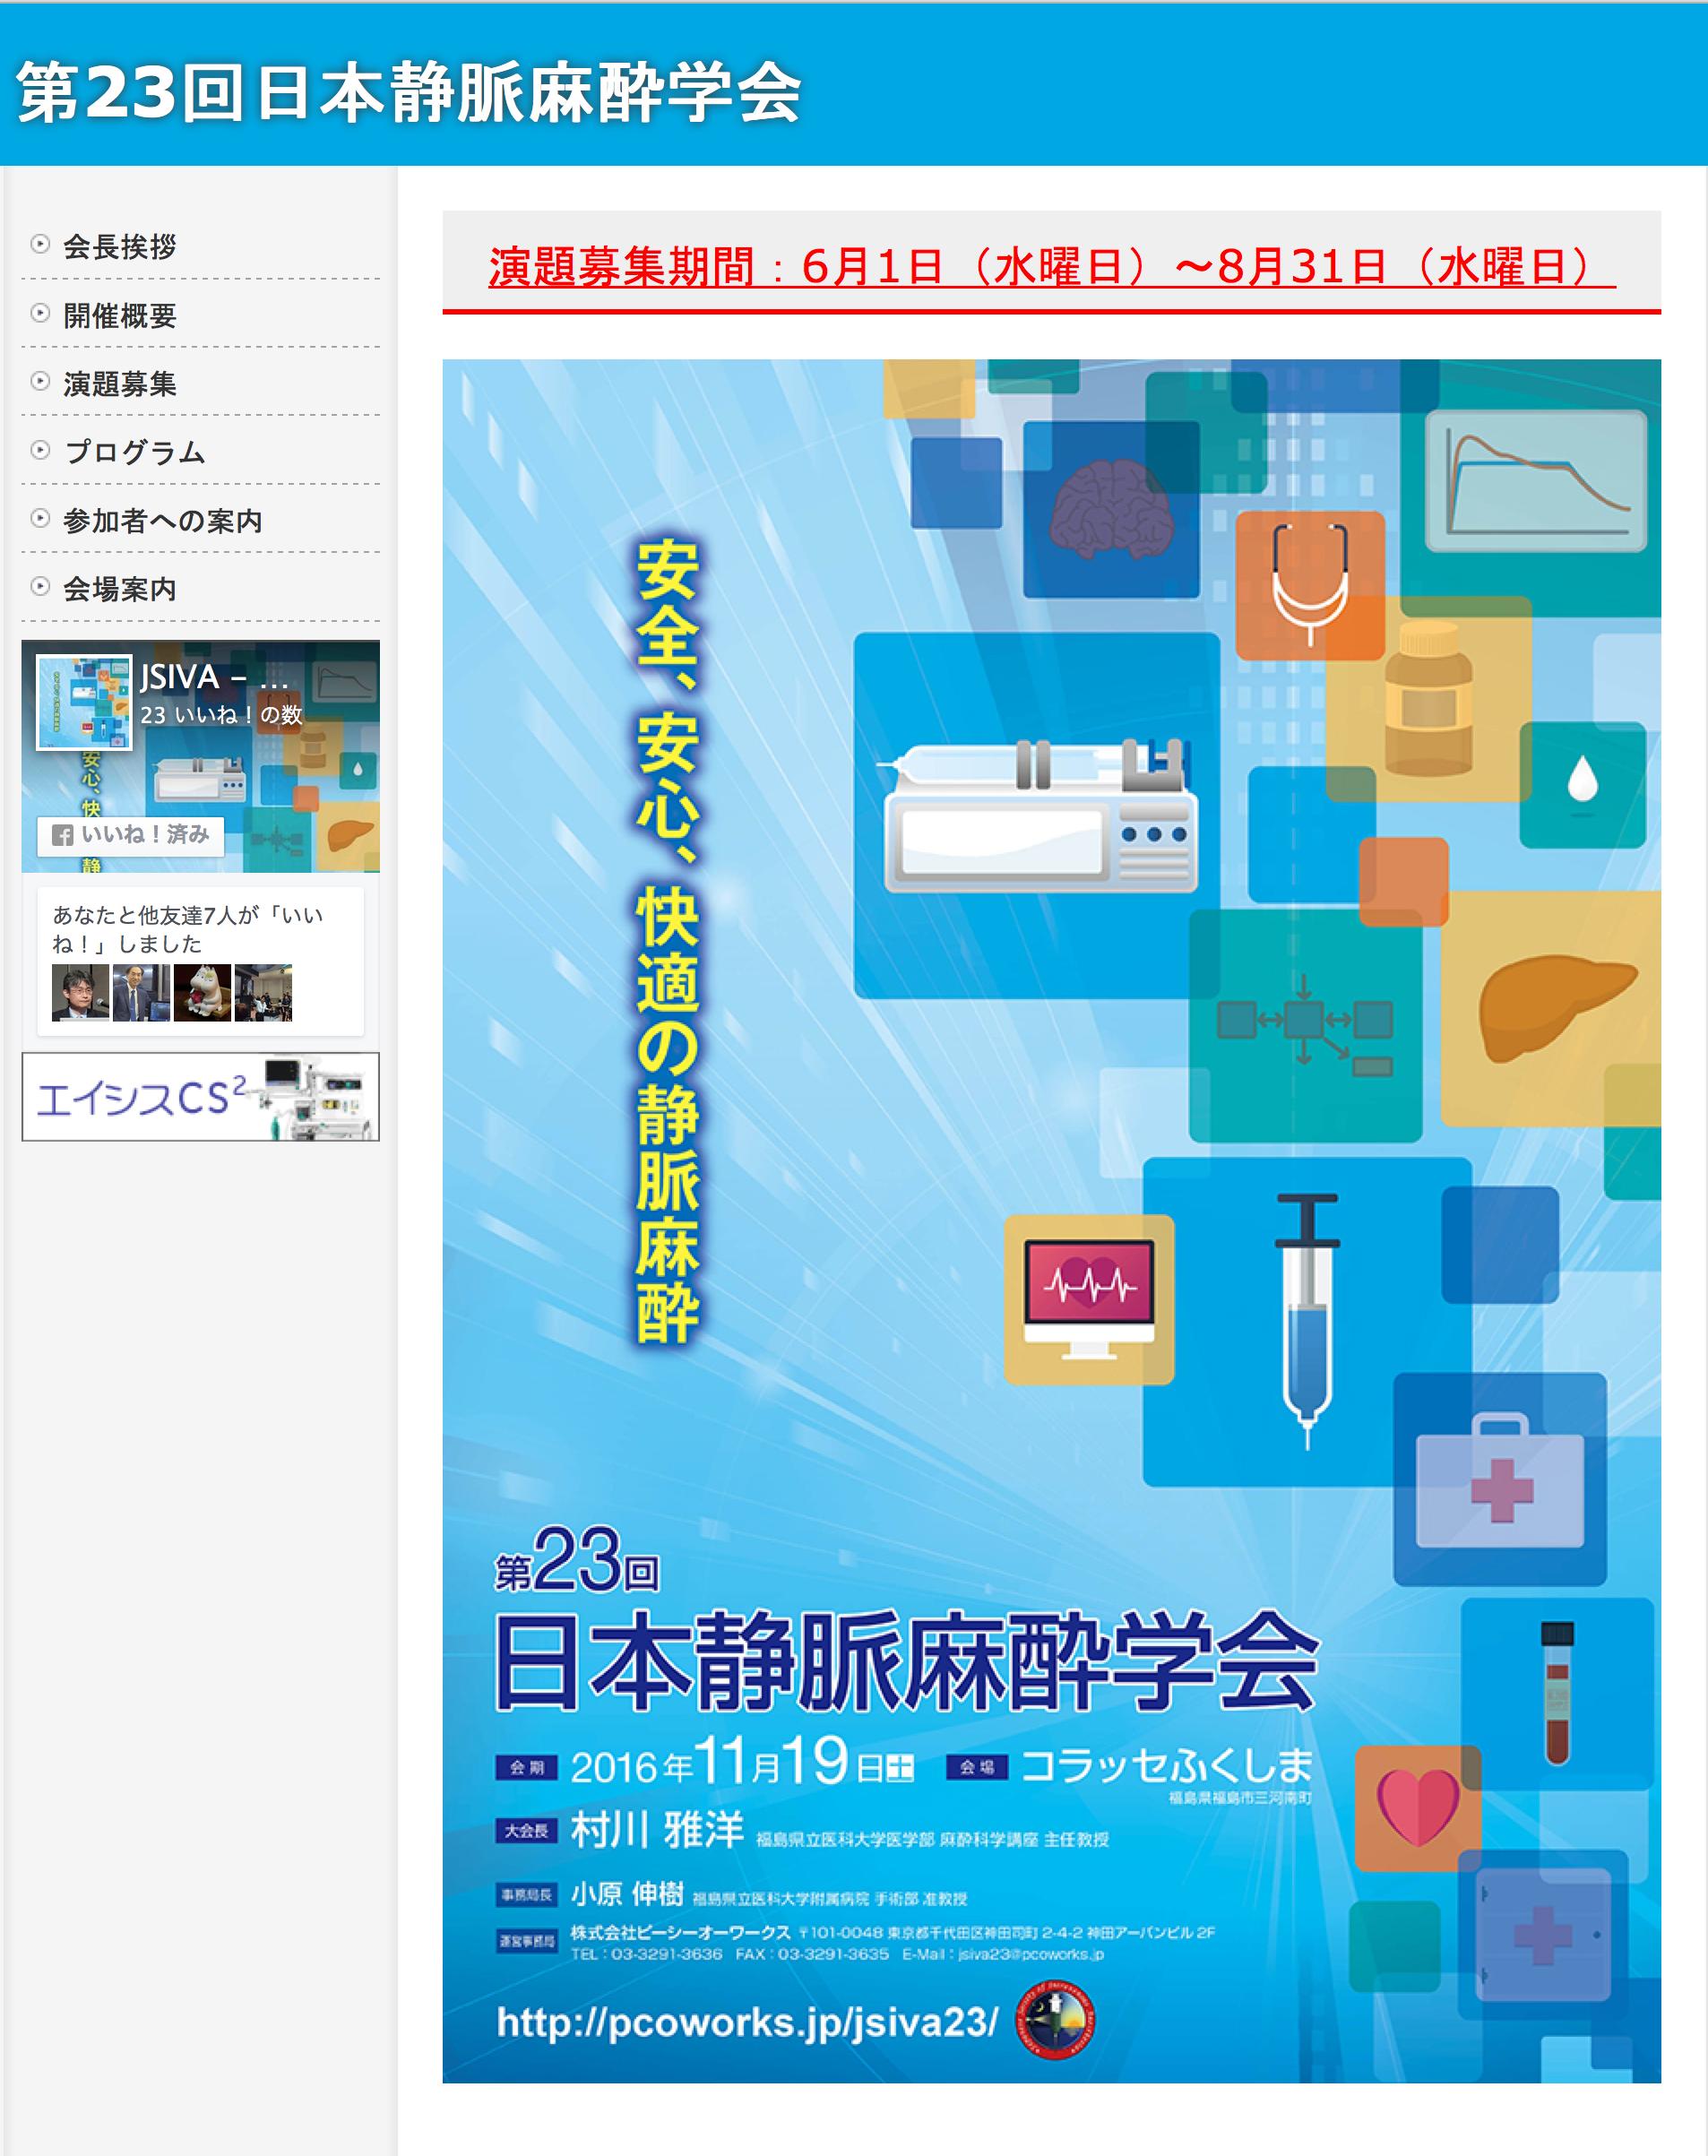 第23回日本静脈麻酔学会の演題募集は6月1日(水)〜8月31日(水)です。